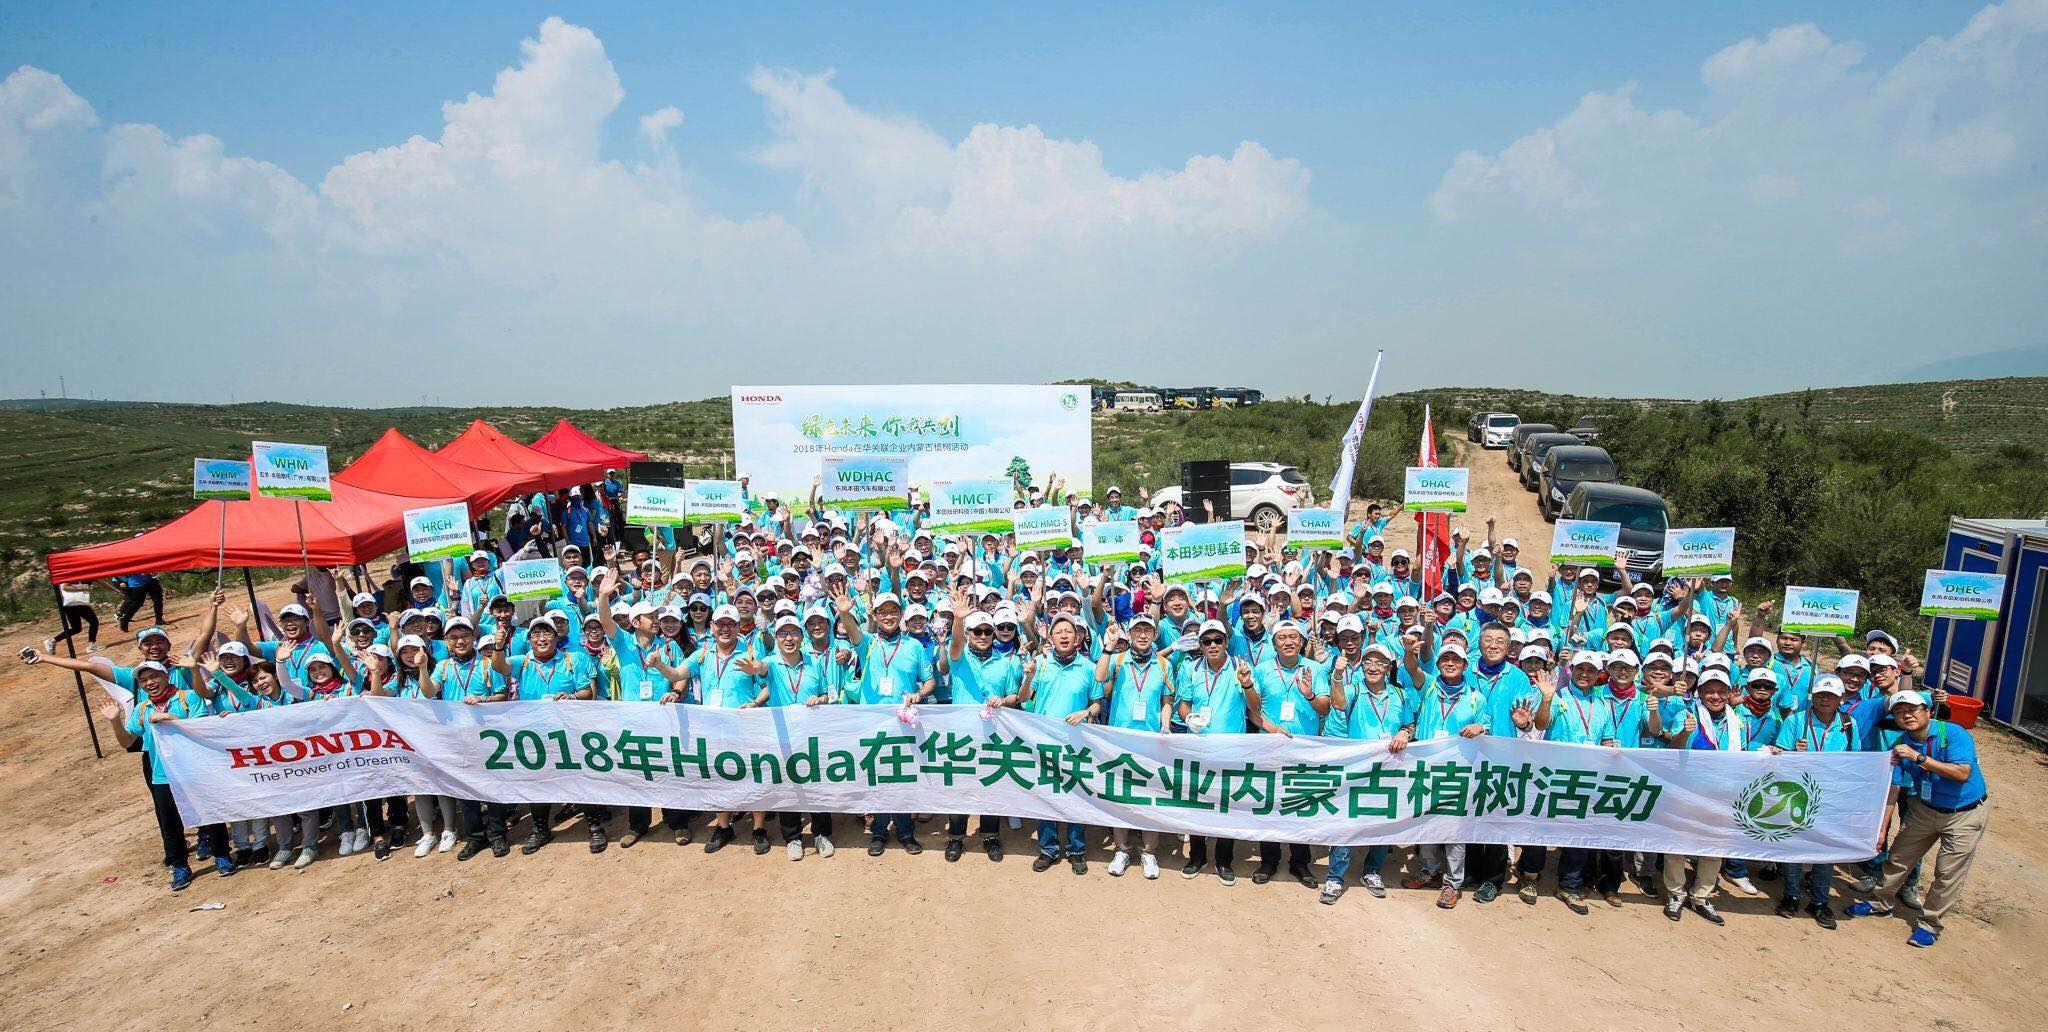 绿色未来 你我共创 2018年Honda在华关联企业内蒙古植树活动